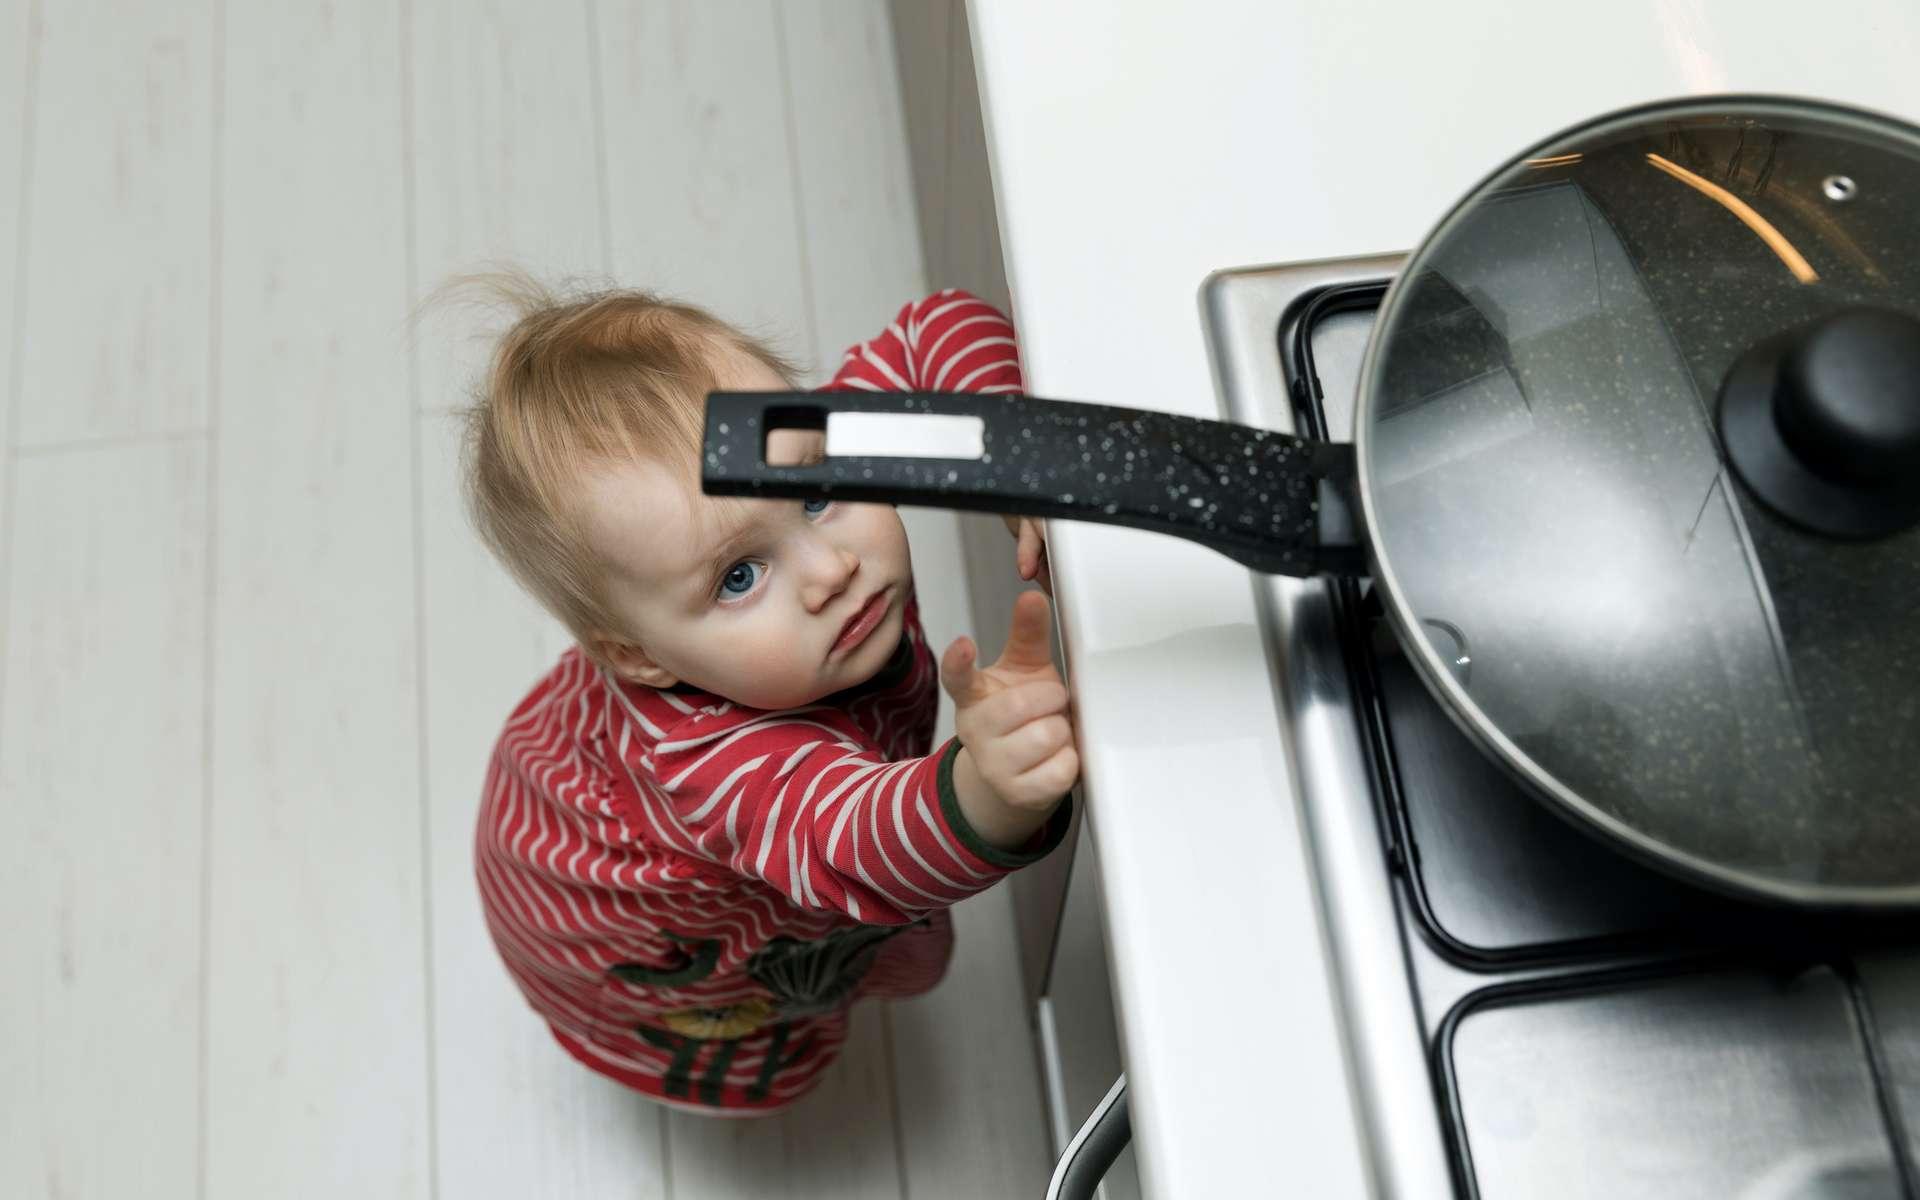 La cuisine, lieu de tous les dangers pour les enfants. © ronstik, Adobe Stock